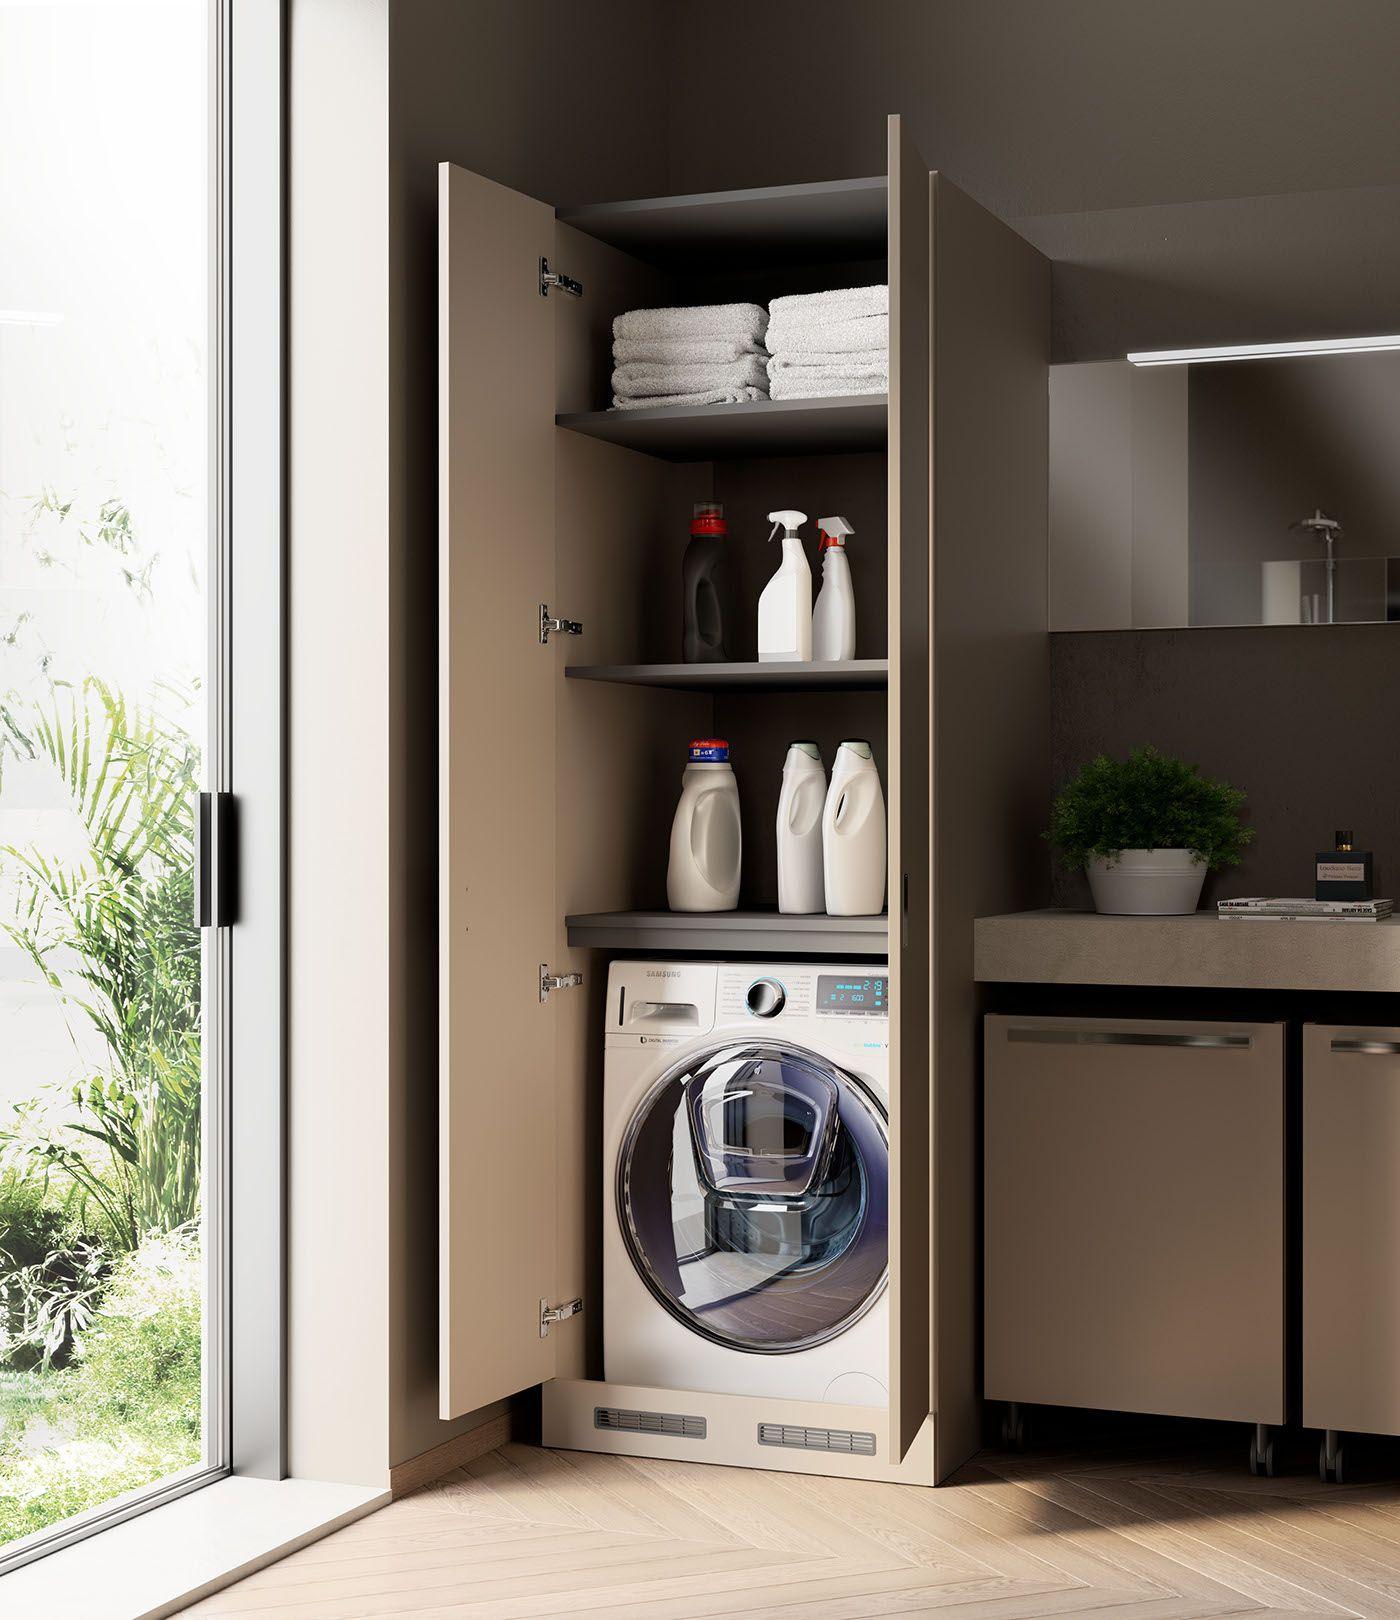 Washing Machine In Kitchen Design: Bathroom Rendering On Behance